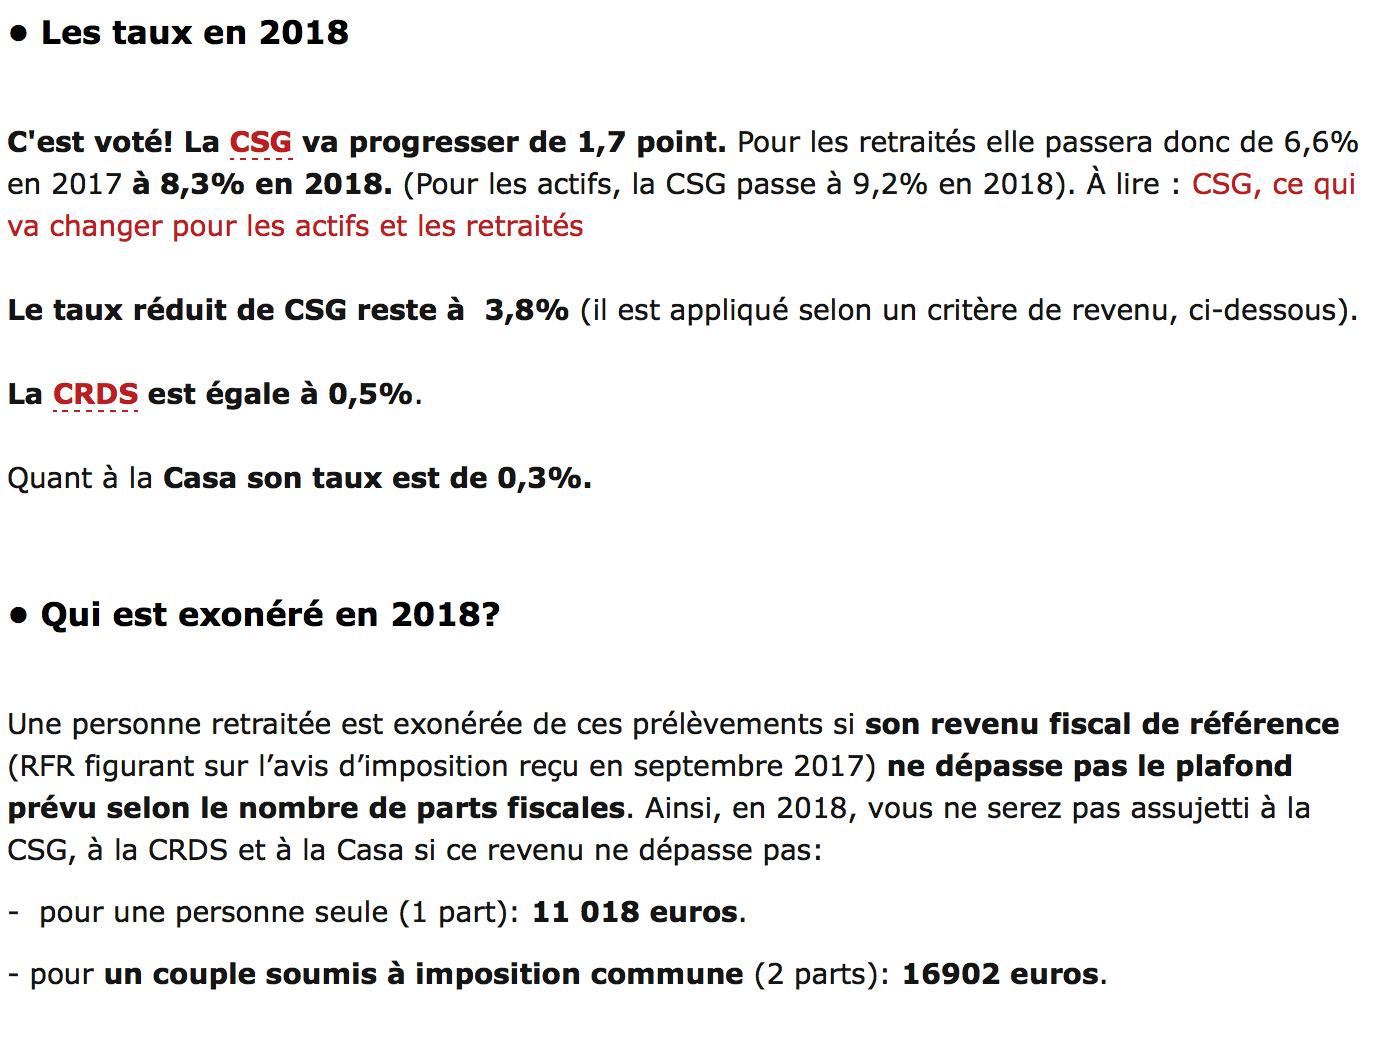 Grand Euville 4 Villages Retraite Qui Est Exonere De Csg En 2018